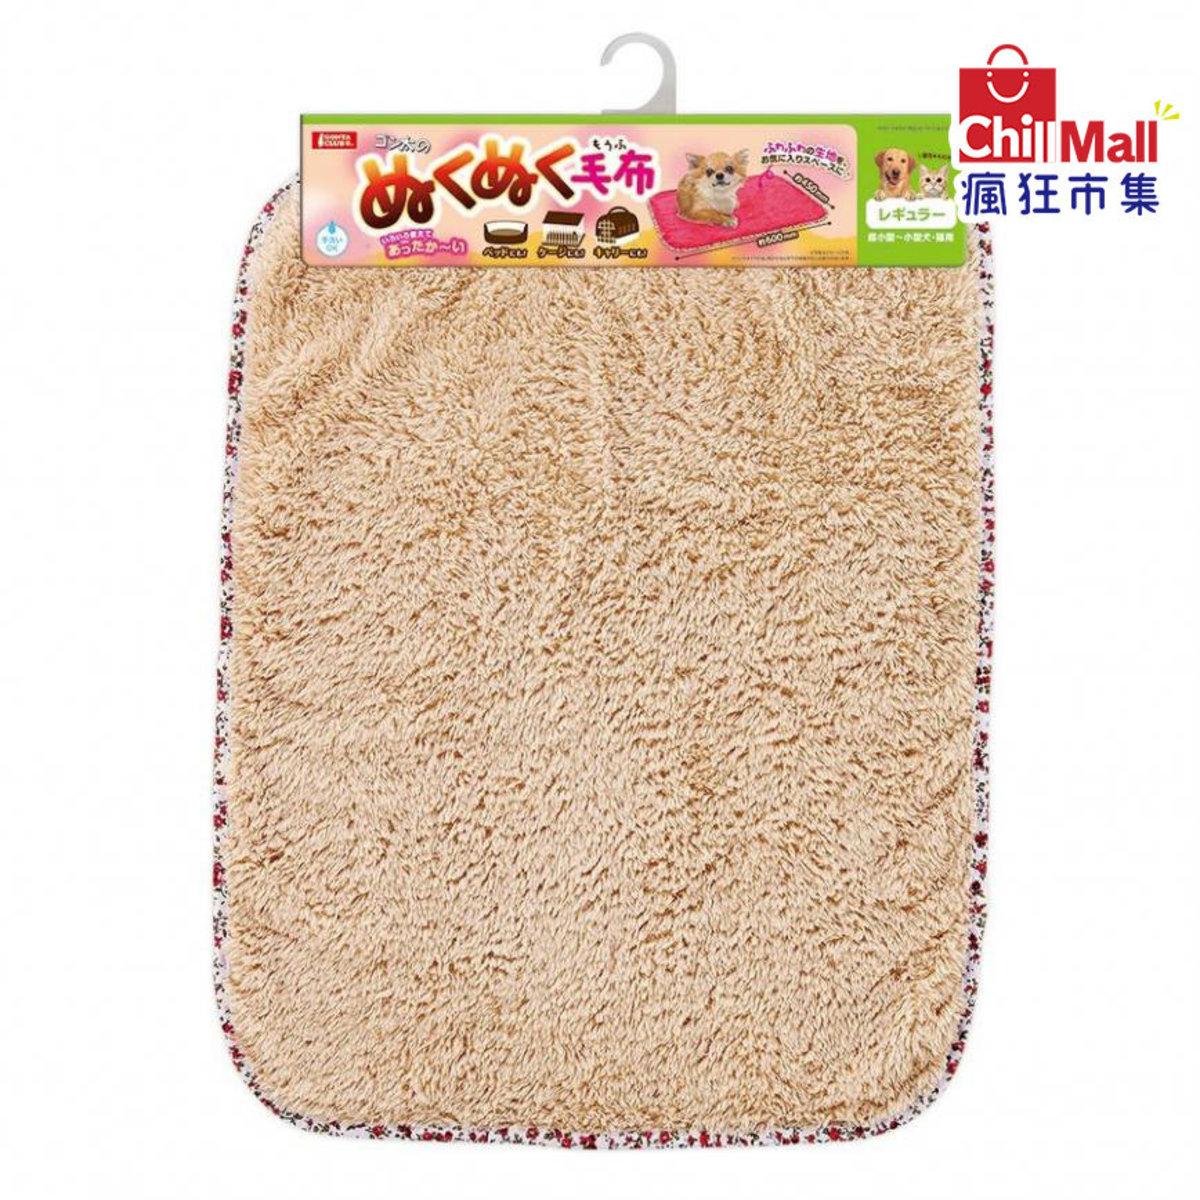 日本Marukan 冬天必備寵物保暖毛毯 中碼 顏色隨機 (貓犬用) (6569763)